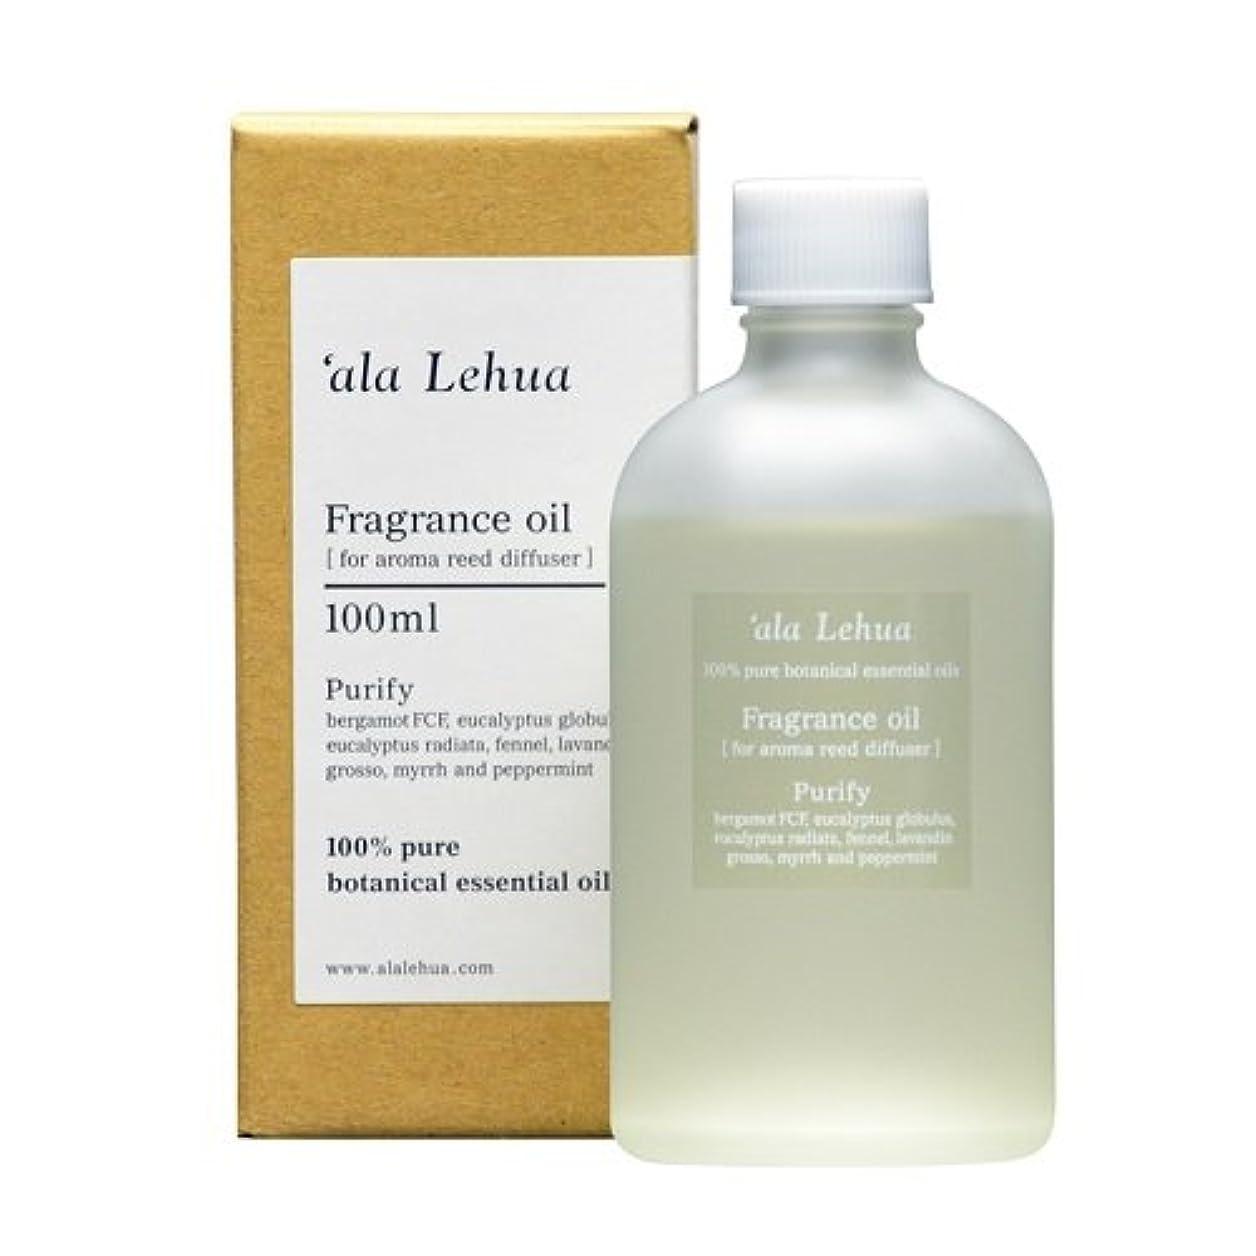 高層ビル前親指フレーバーライフ(Flavor Life) `ala Lehua (アラレフア) アロマリードディフューザー フレグランスオイル 100ml purify(ピュリファイ)